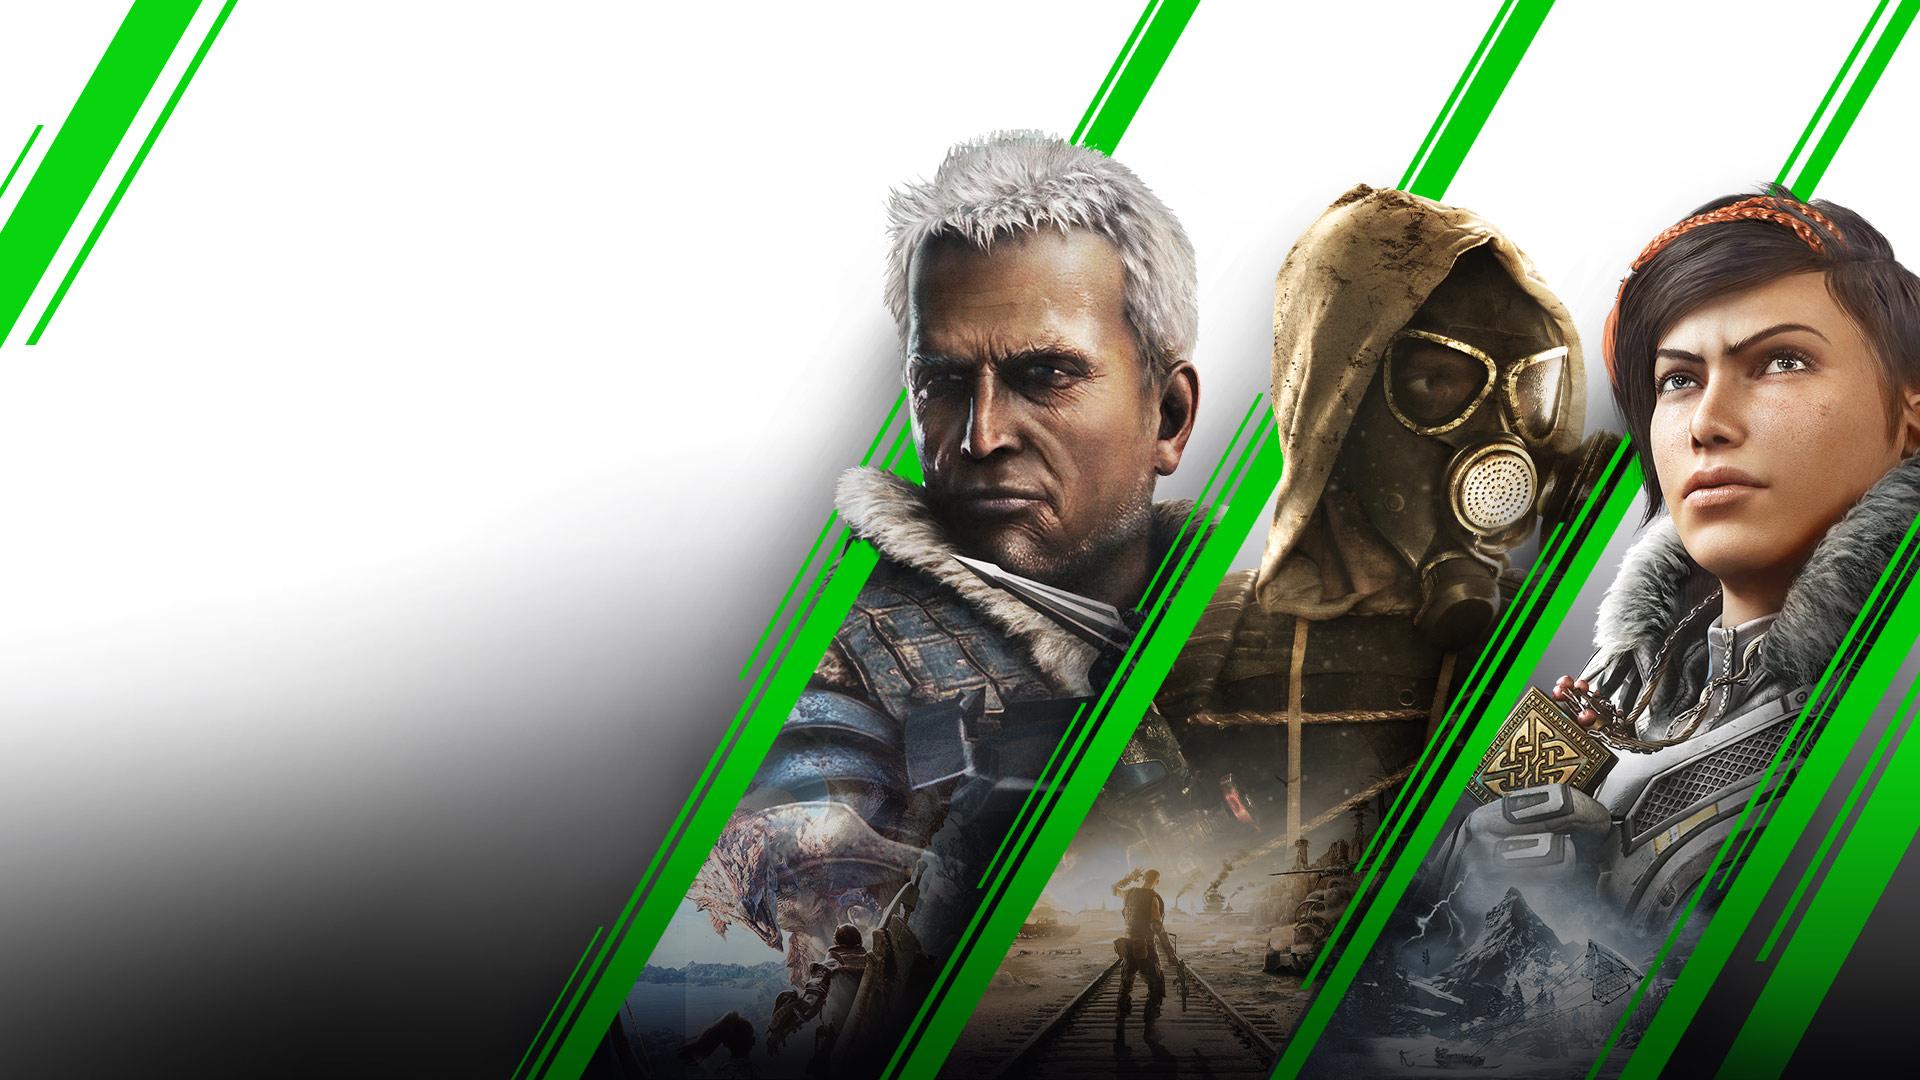 6 maanden Spotify Premium met Xbox Game Pass Ultimate voor $1 (nieuwe leden)